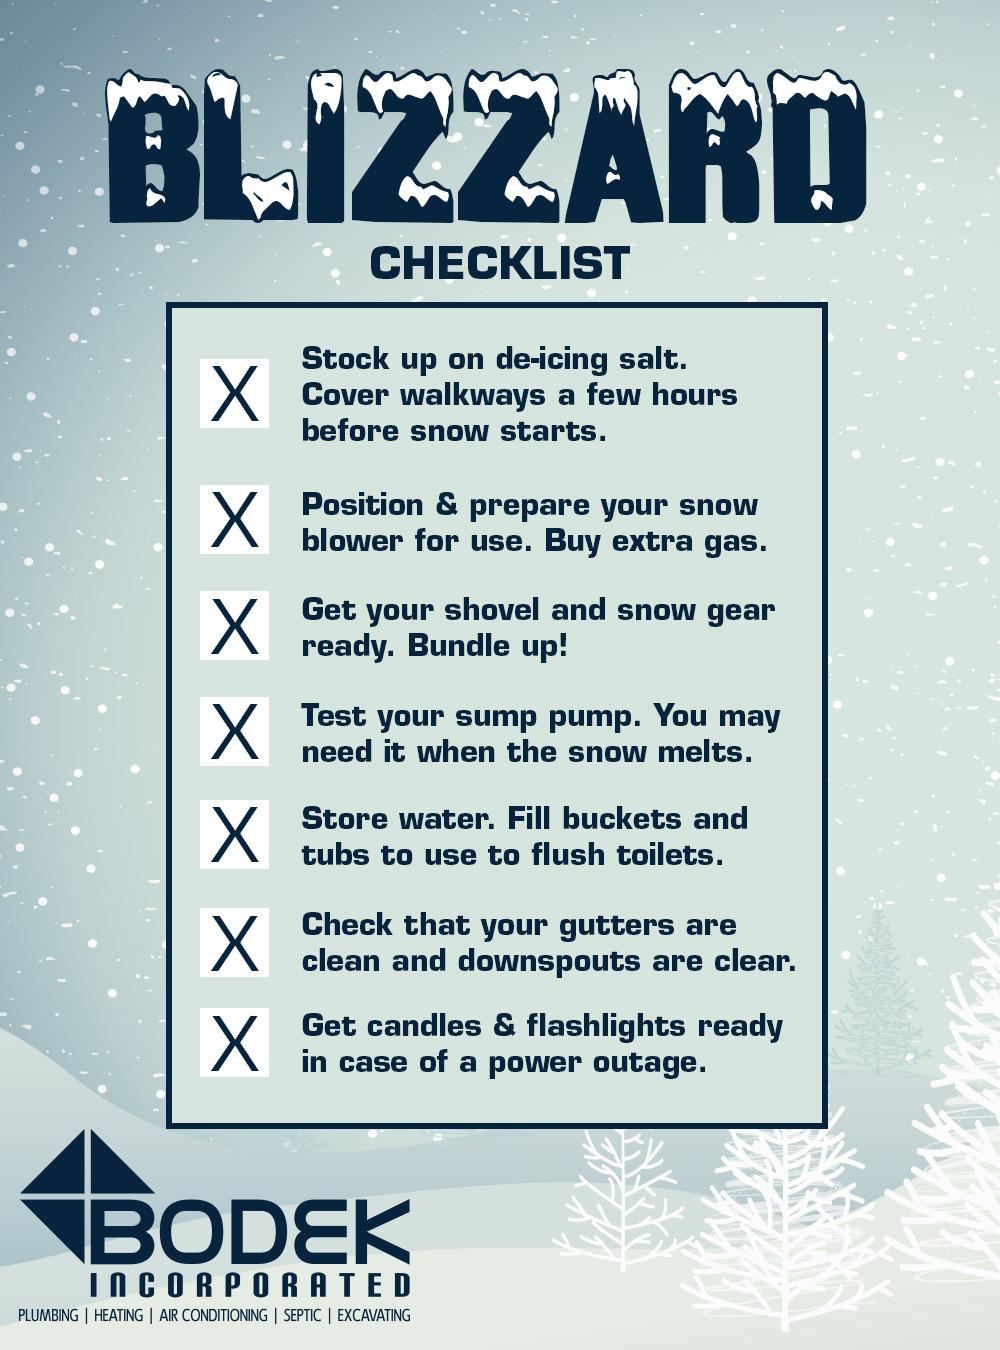 Blizzard Checklist